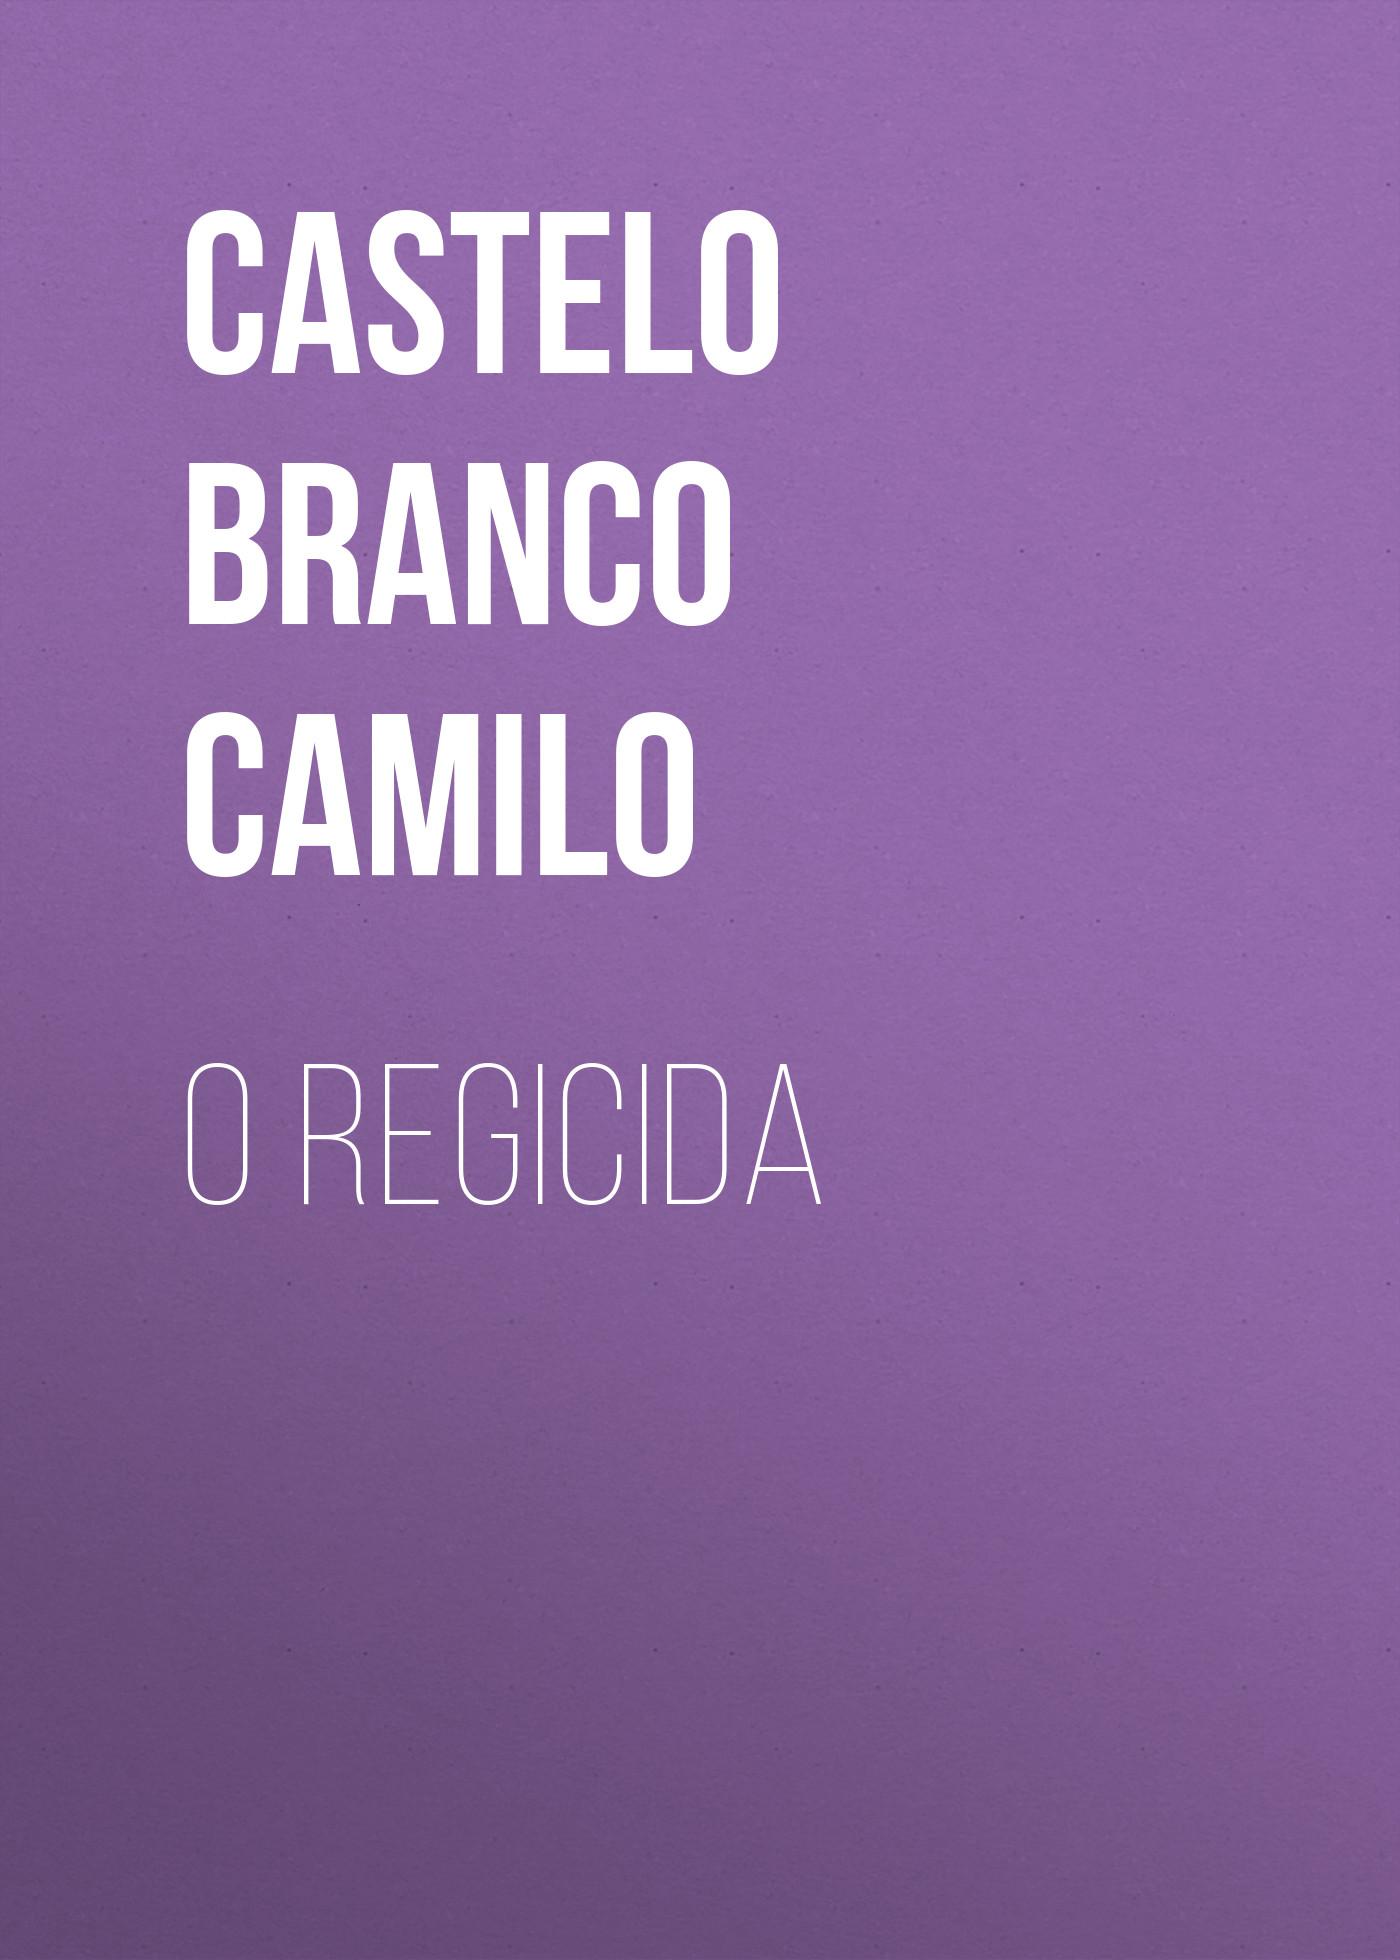 Castelo Branco Camilo O Regicida camilo septimo mexico